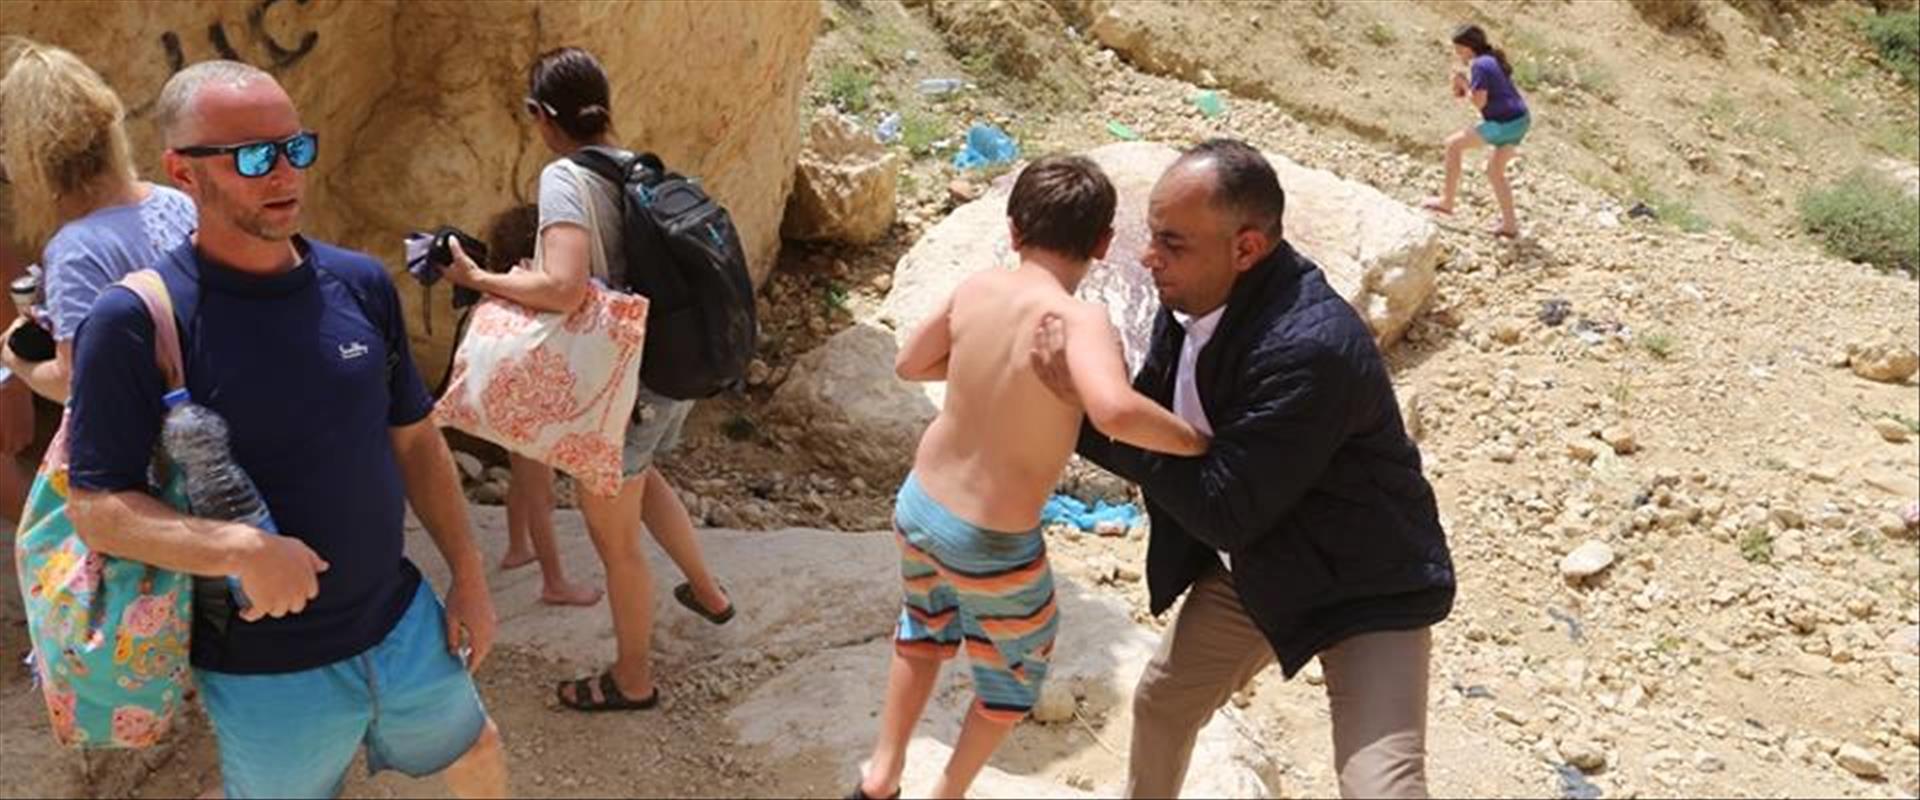 ראש עיריית כרכ בירדן עוזר לתיירים מישראל